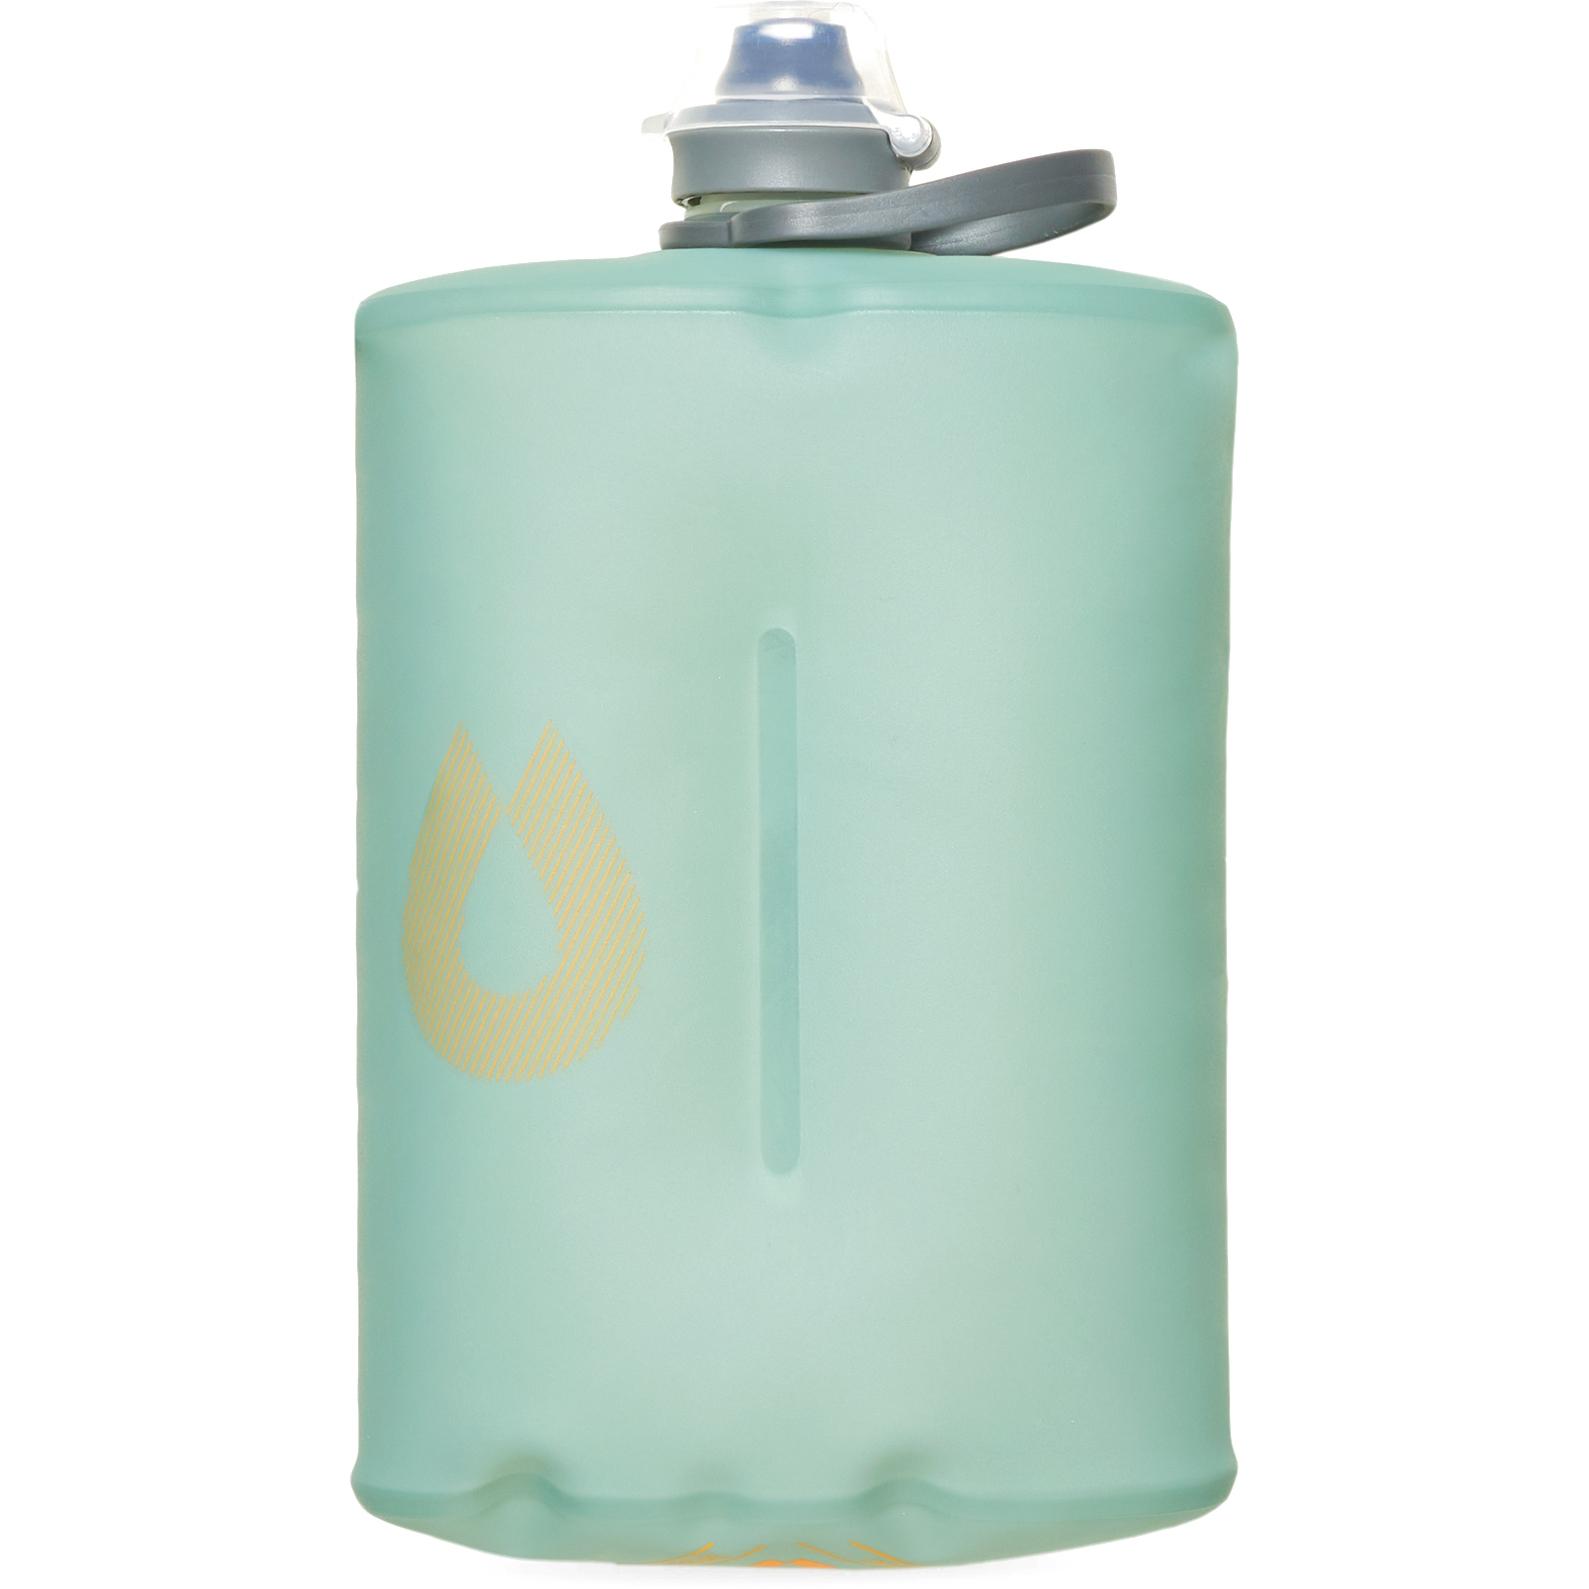 Bild von Hydrapak Stow™ Faltflasche 1L - Sutro green